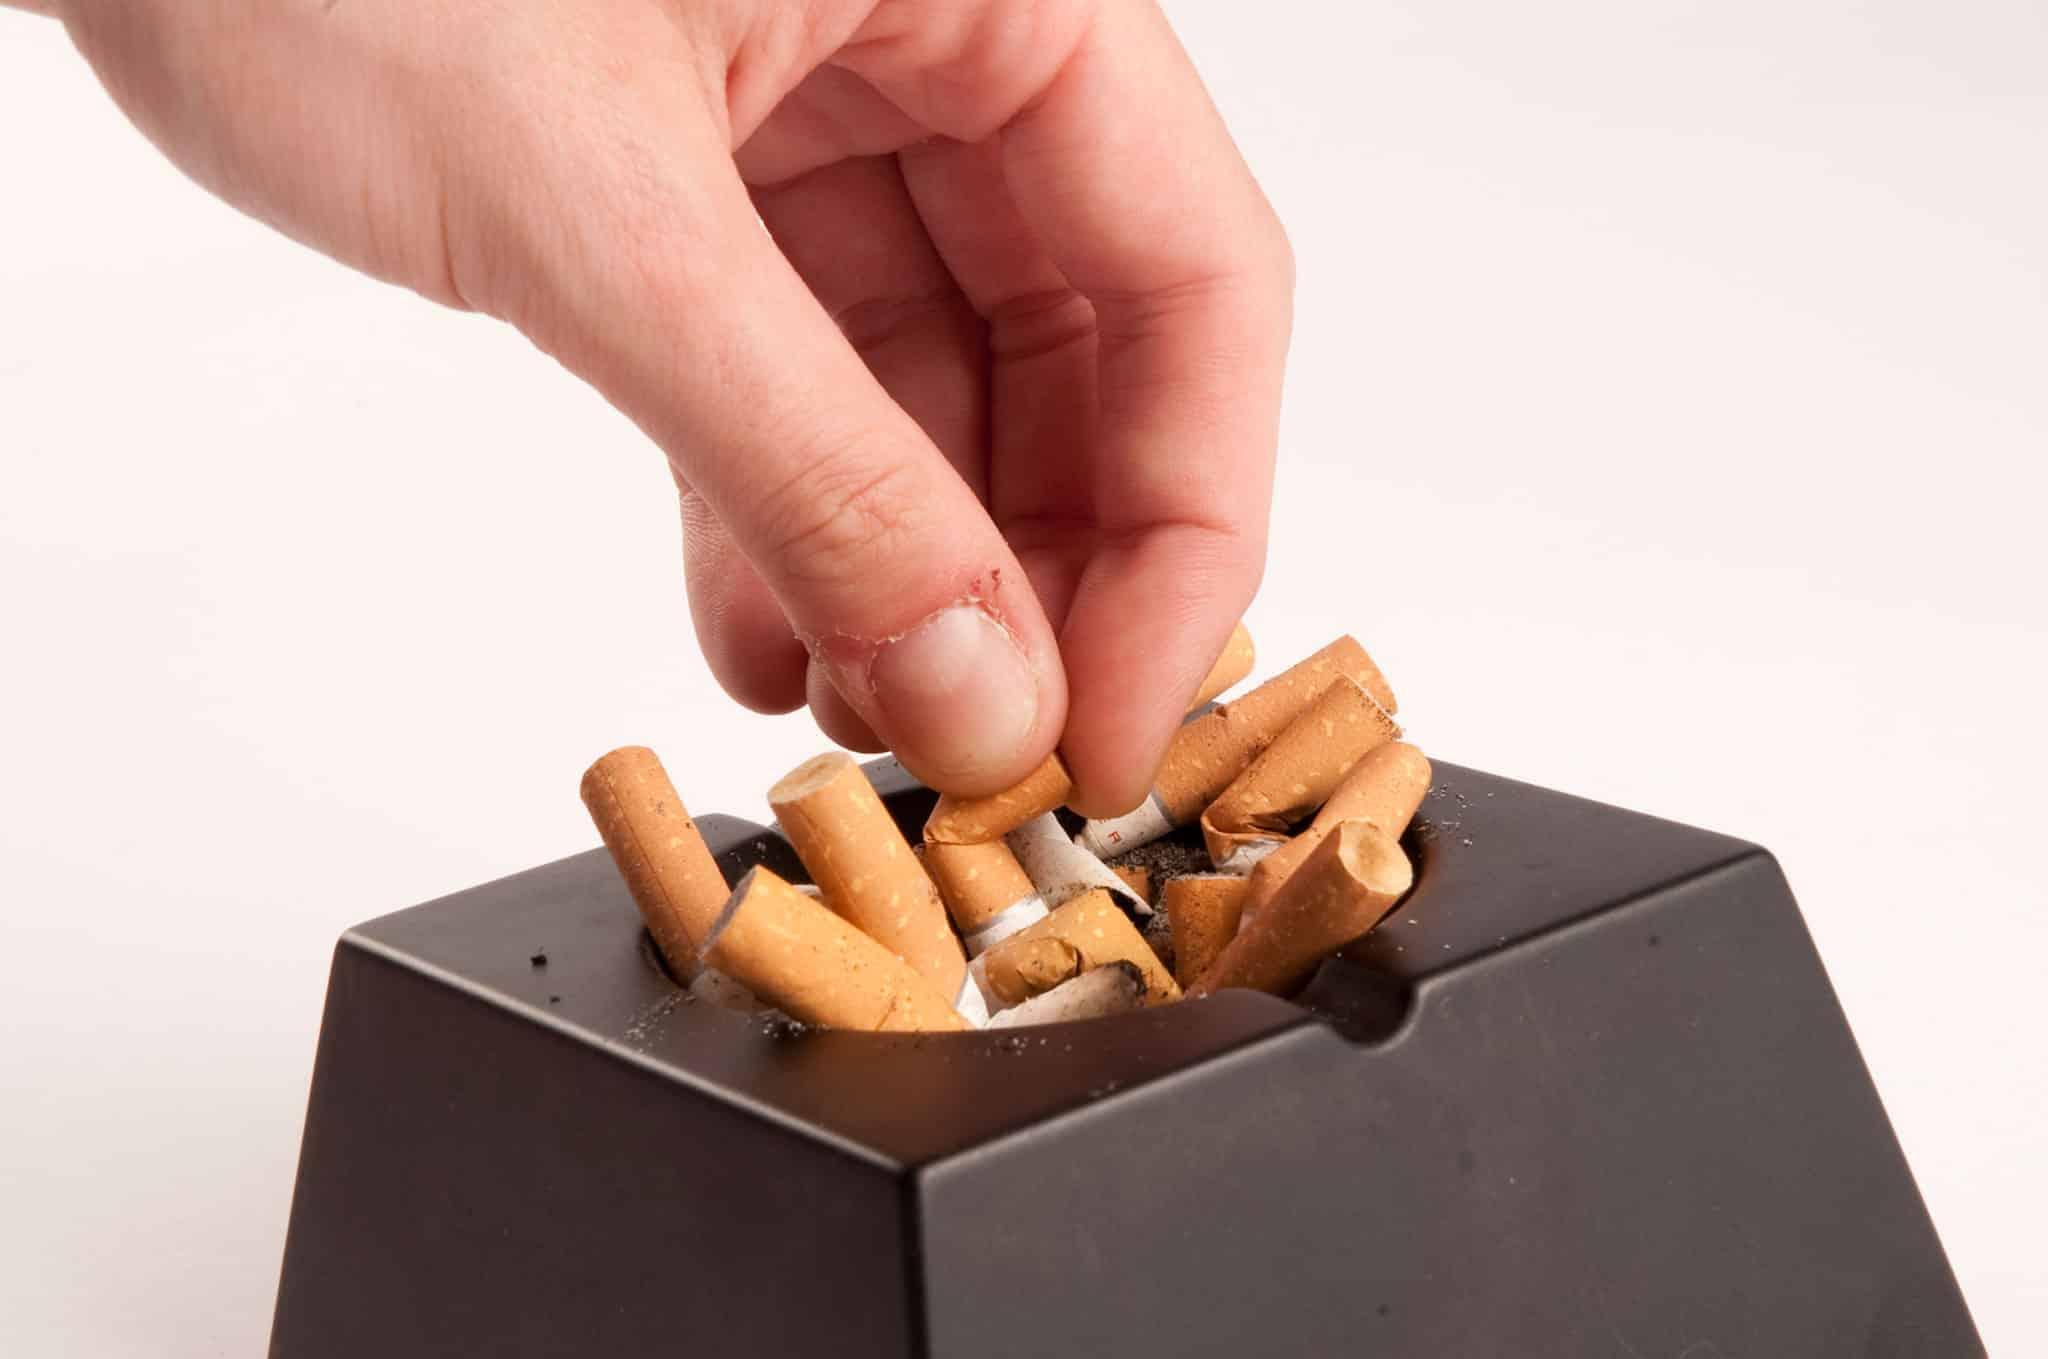 La toux se délivrer du fumer comme les médicaments